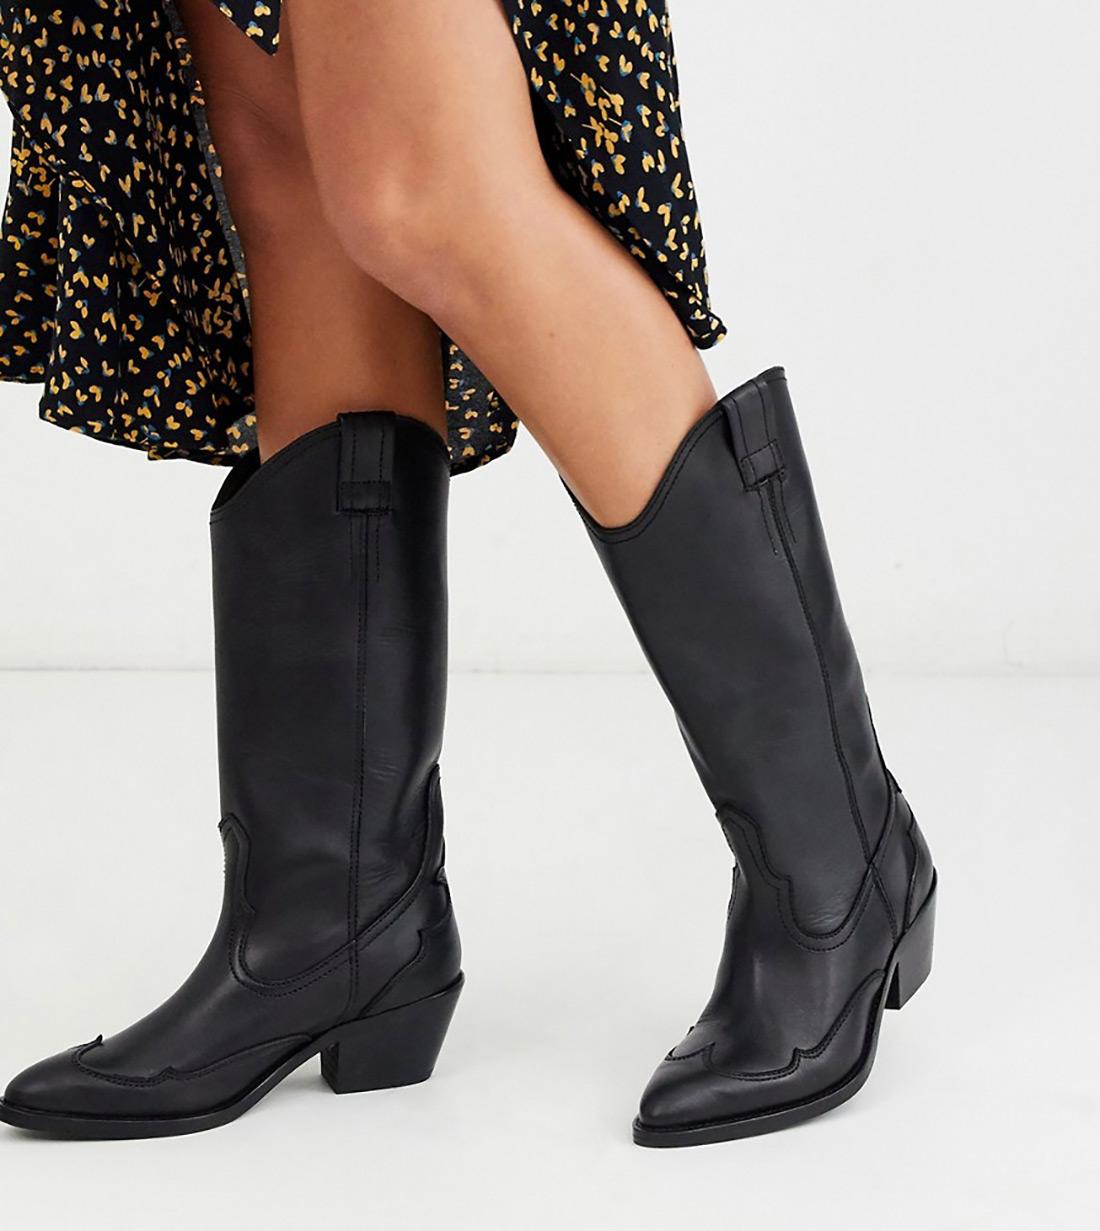 kaubojke 2019 street style zagreb ženska moda zima 2019 crne kaubojke